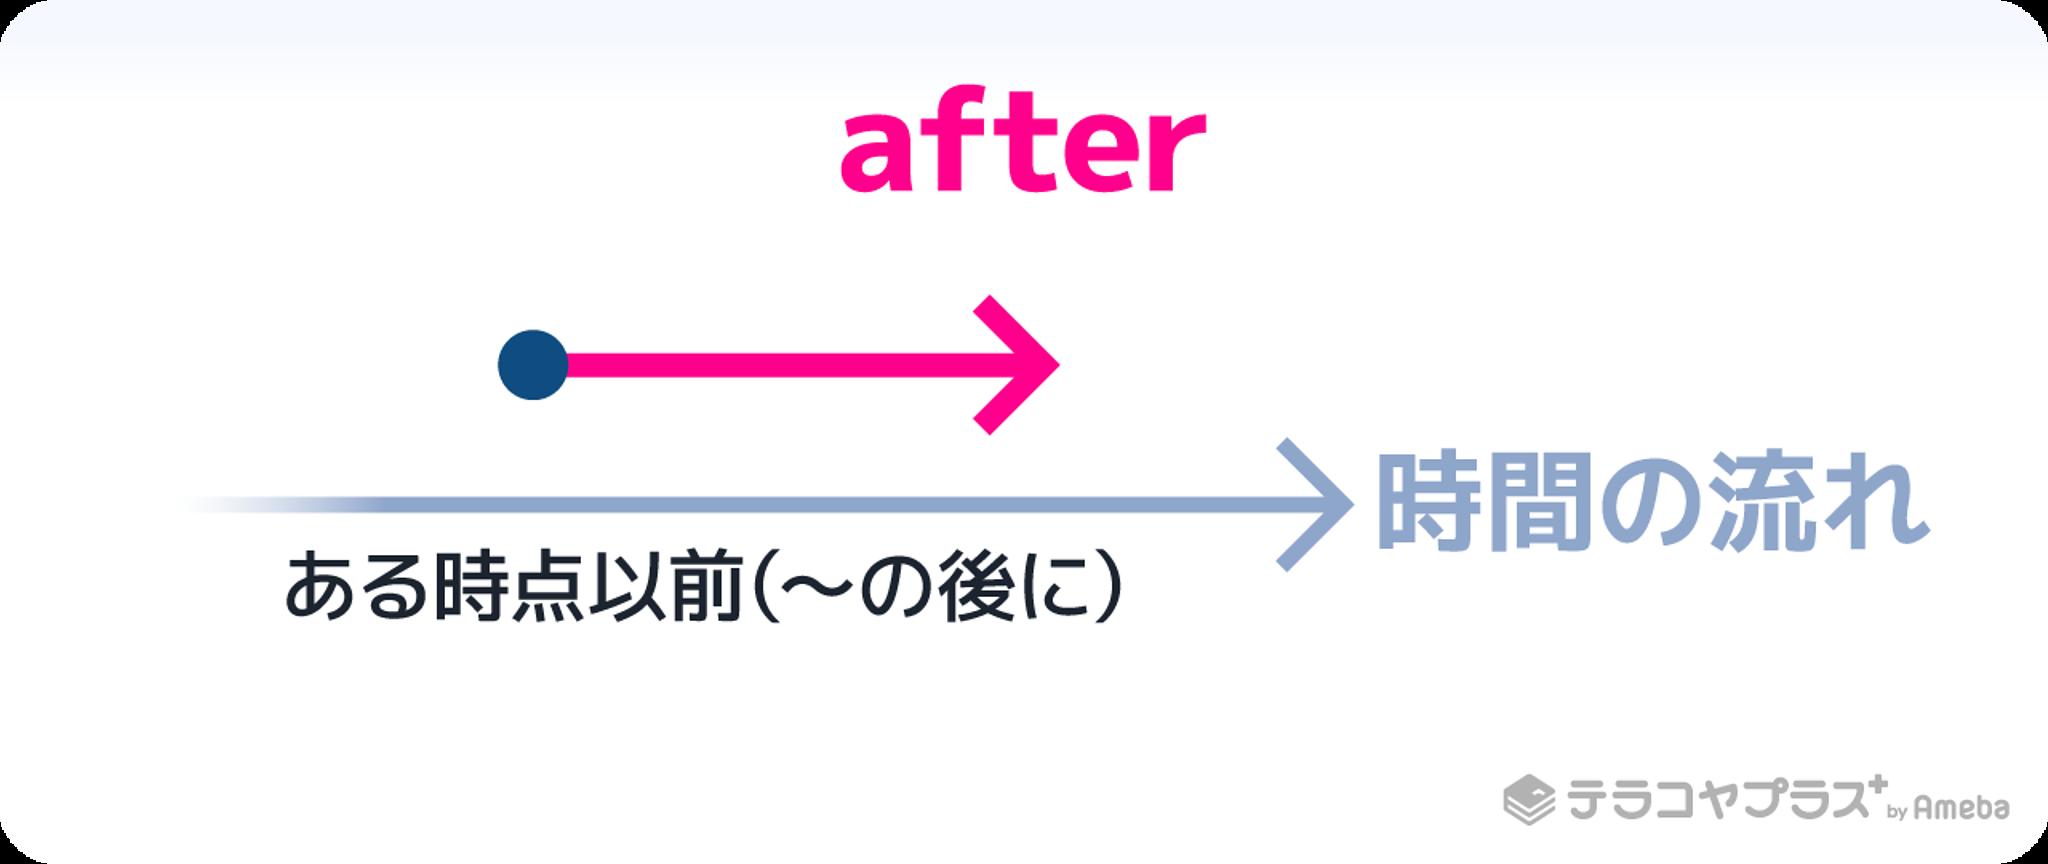 前置詞afterイメージイラスト